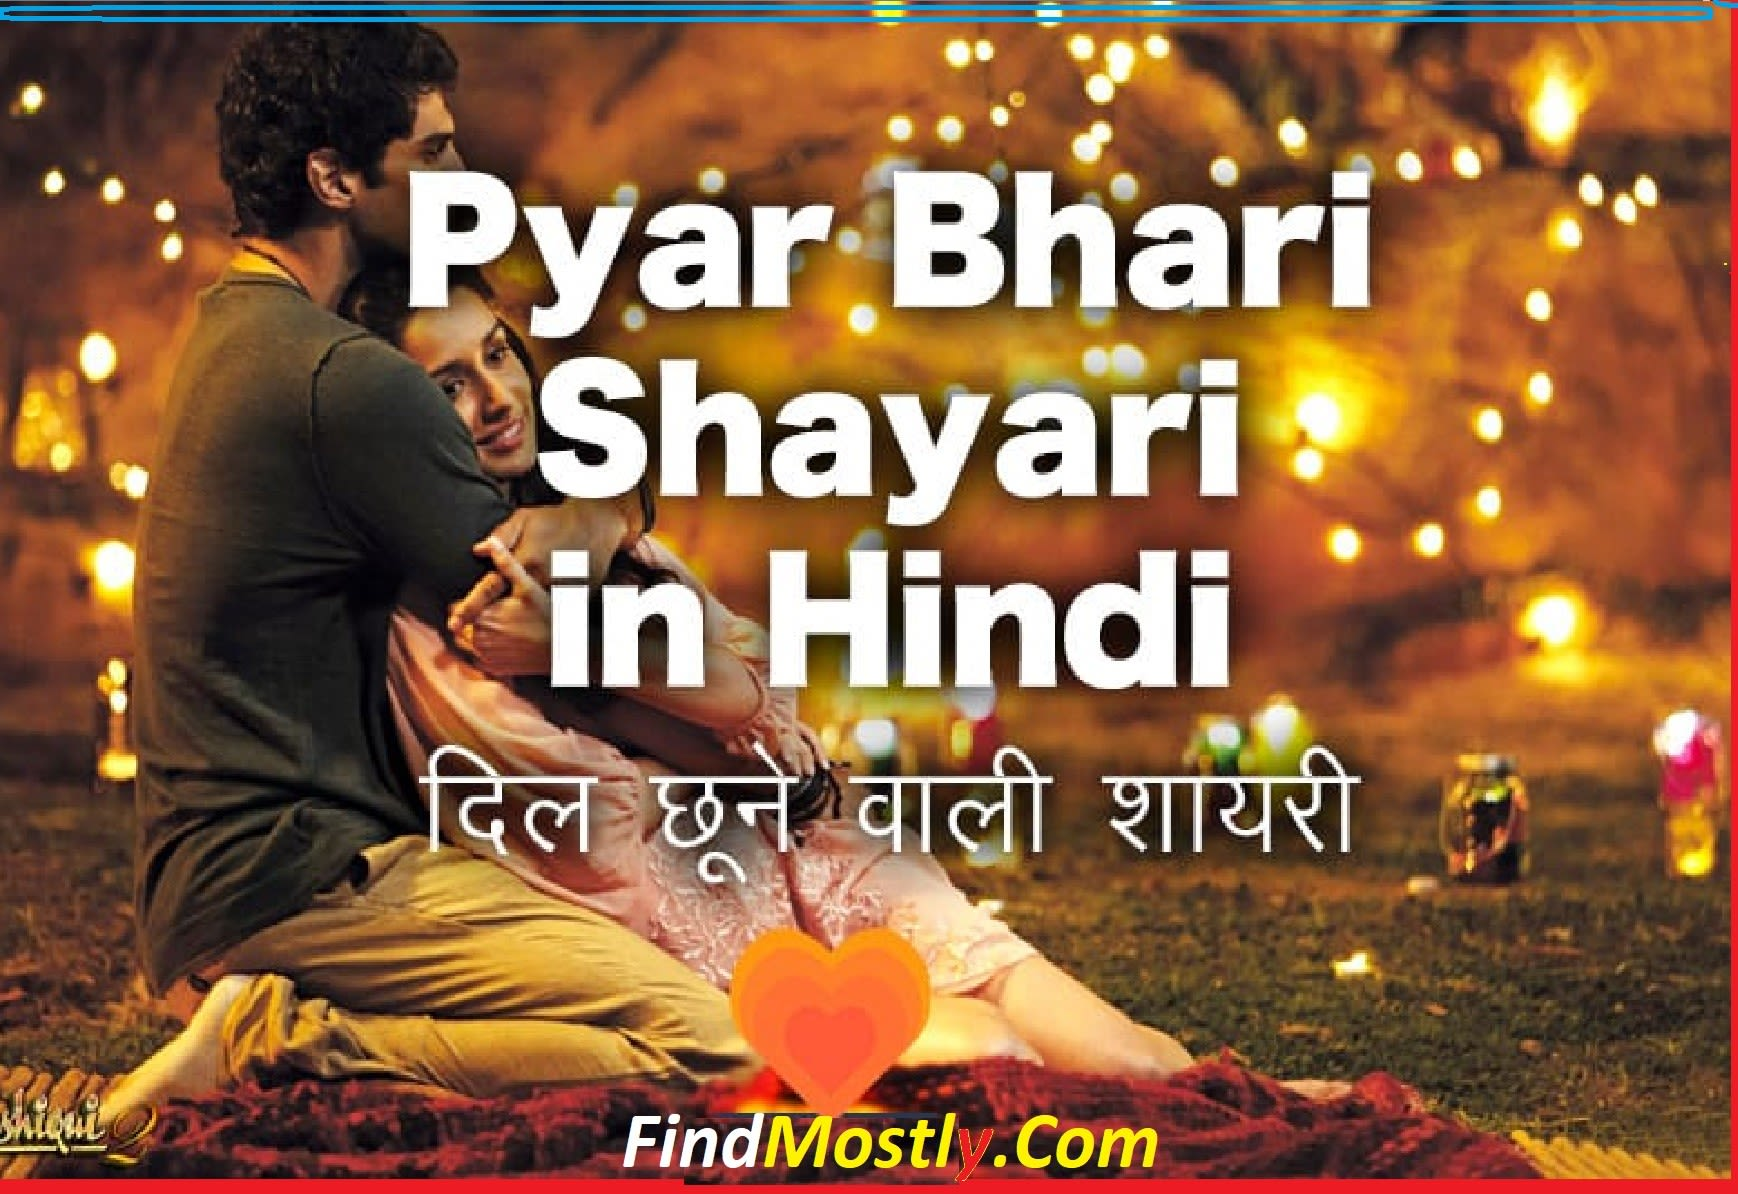 Pyar Bhari Shayari.